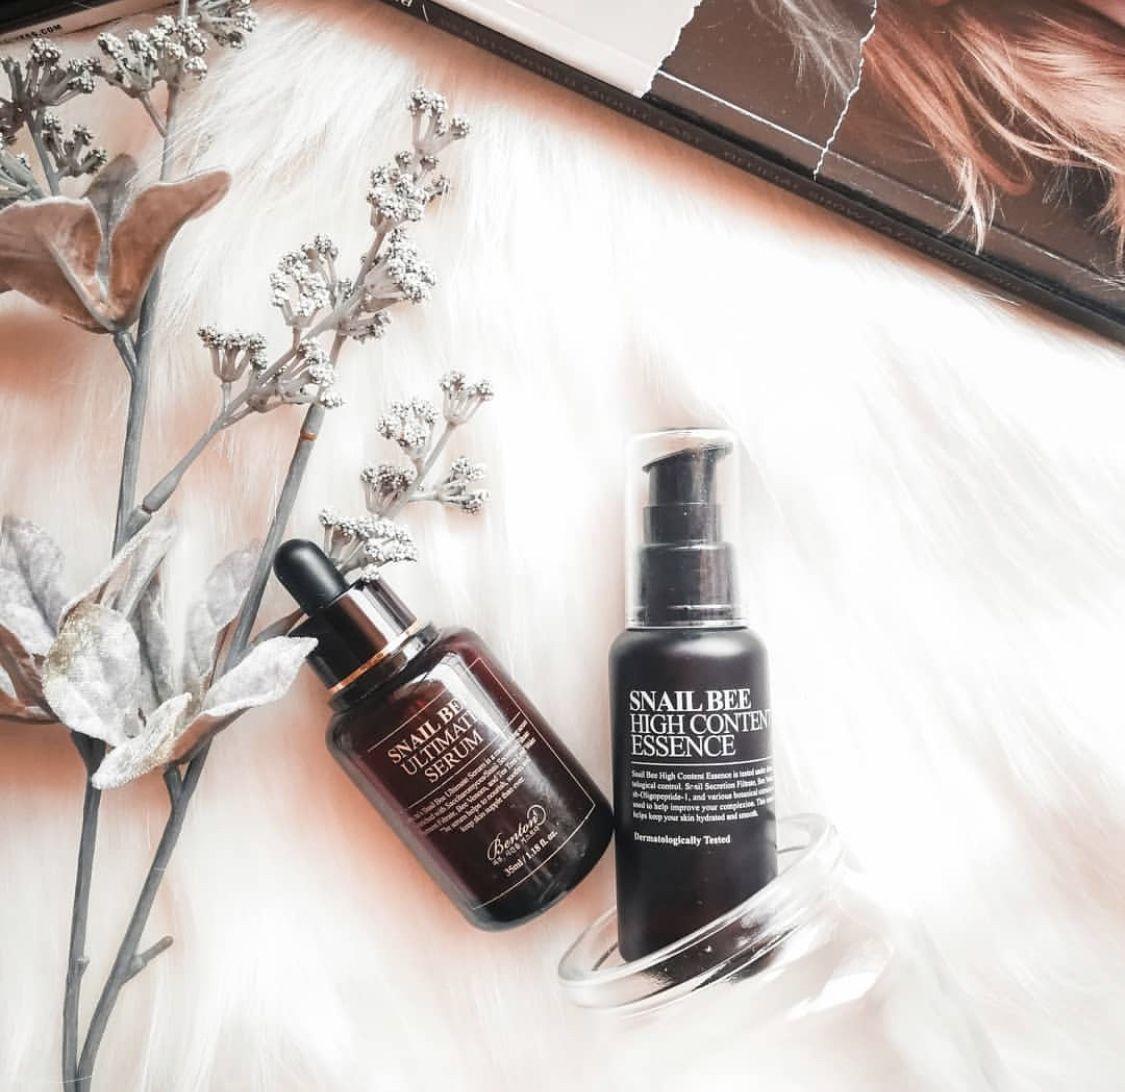 Benton skincare essentials Benton skincare, Skin care